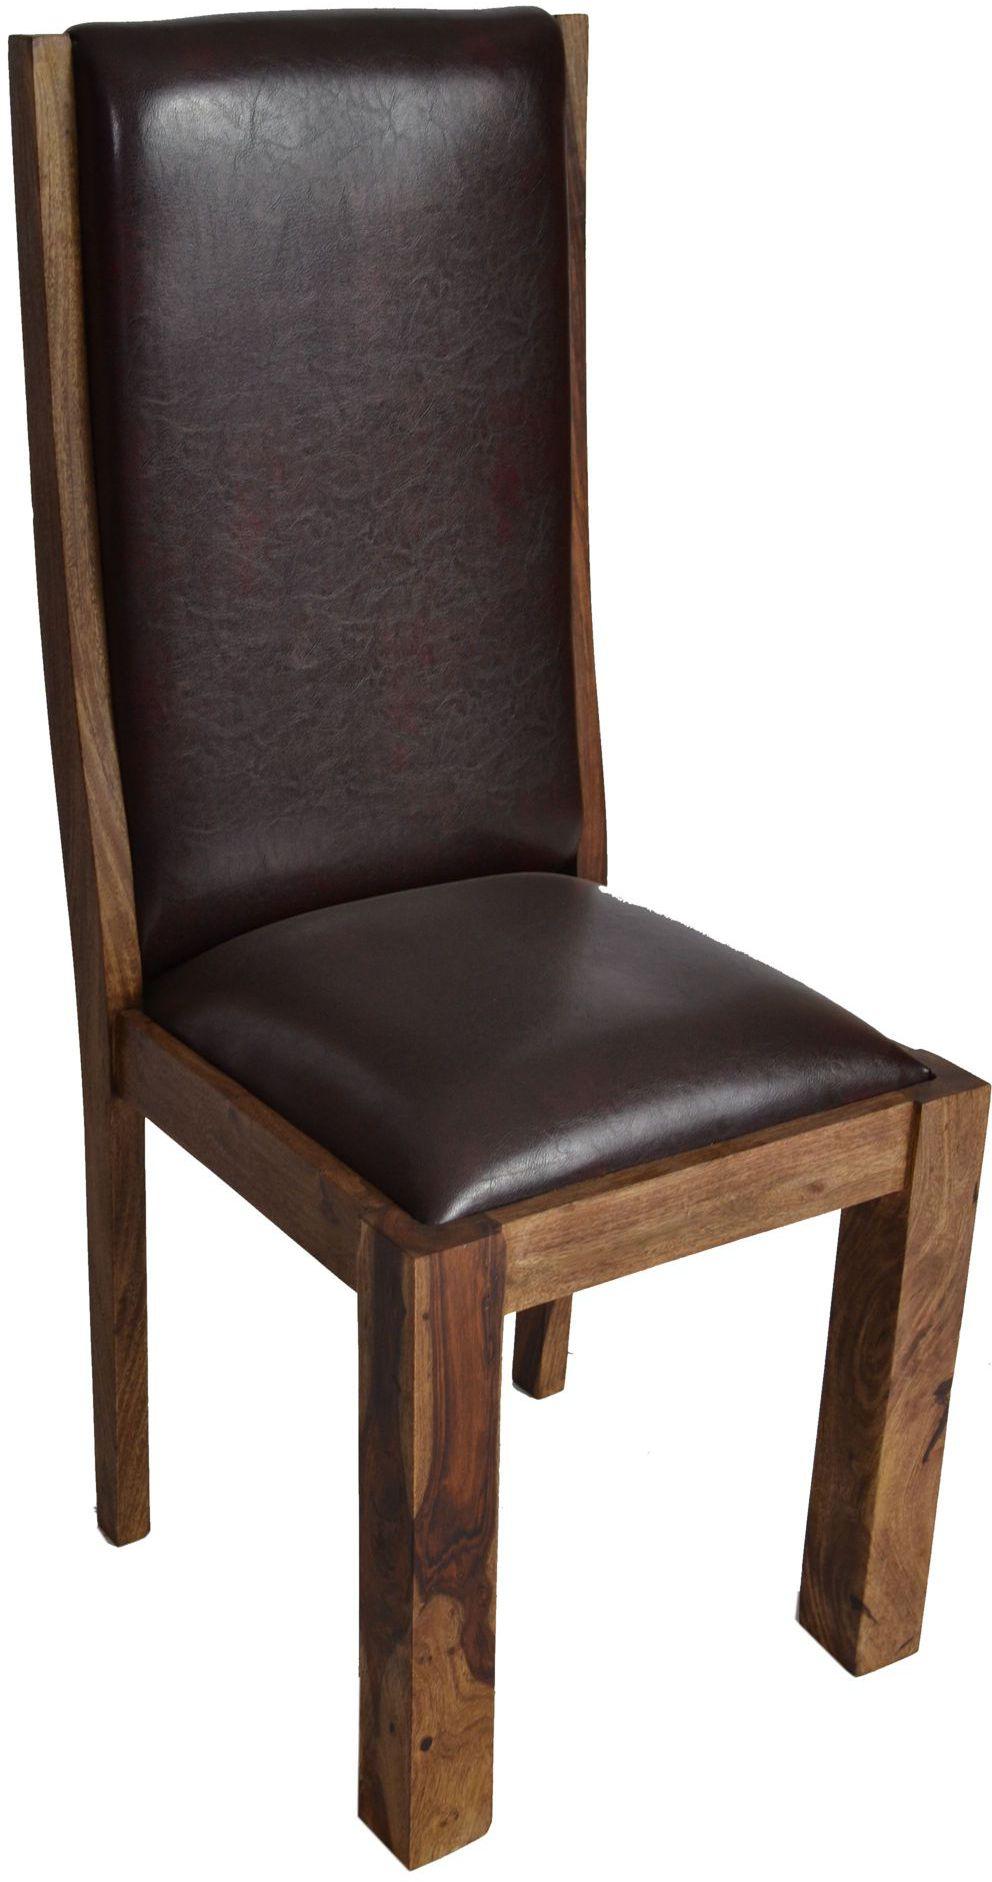 Stuhl masala gepolstert kunstleder massivholz m bel for Stuhl gepolstert